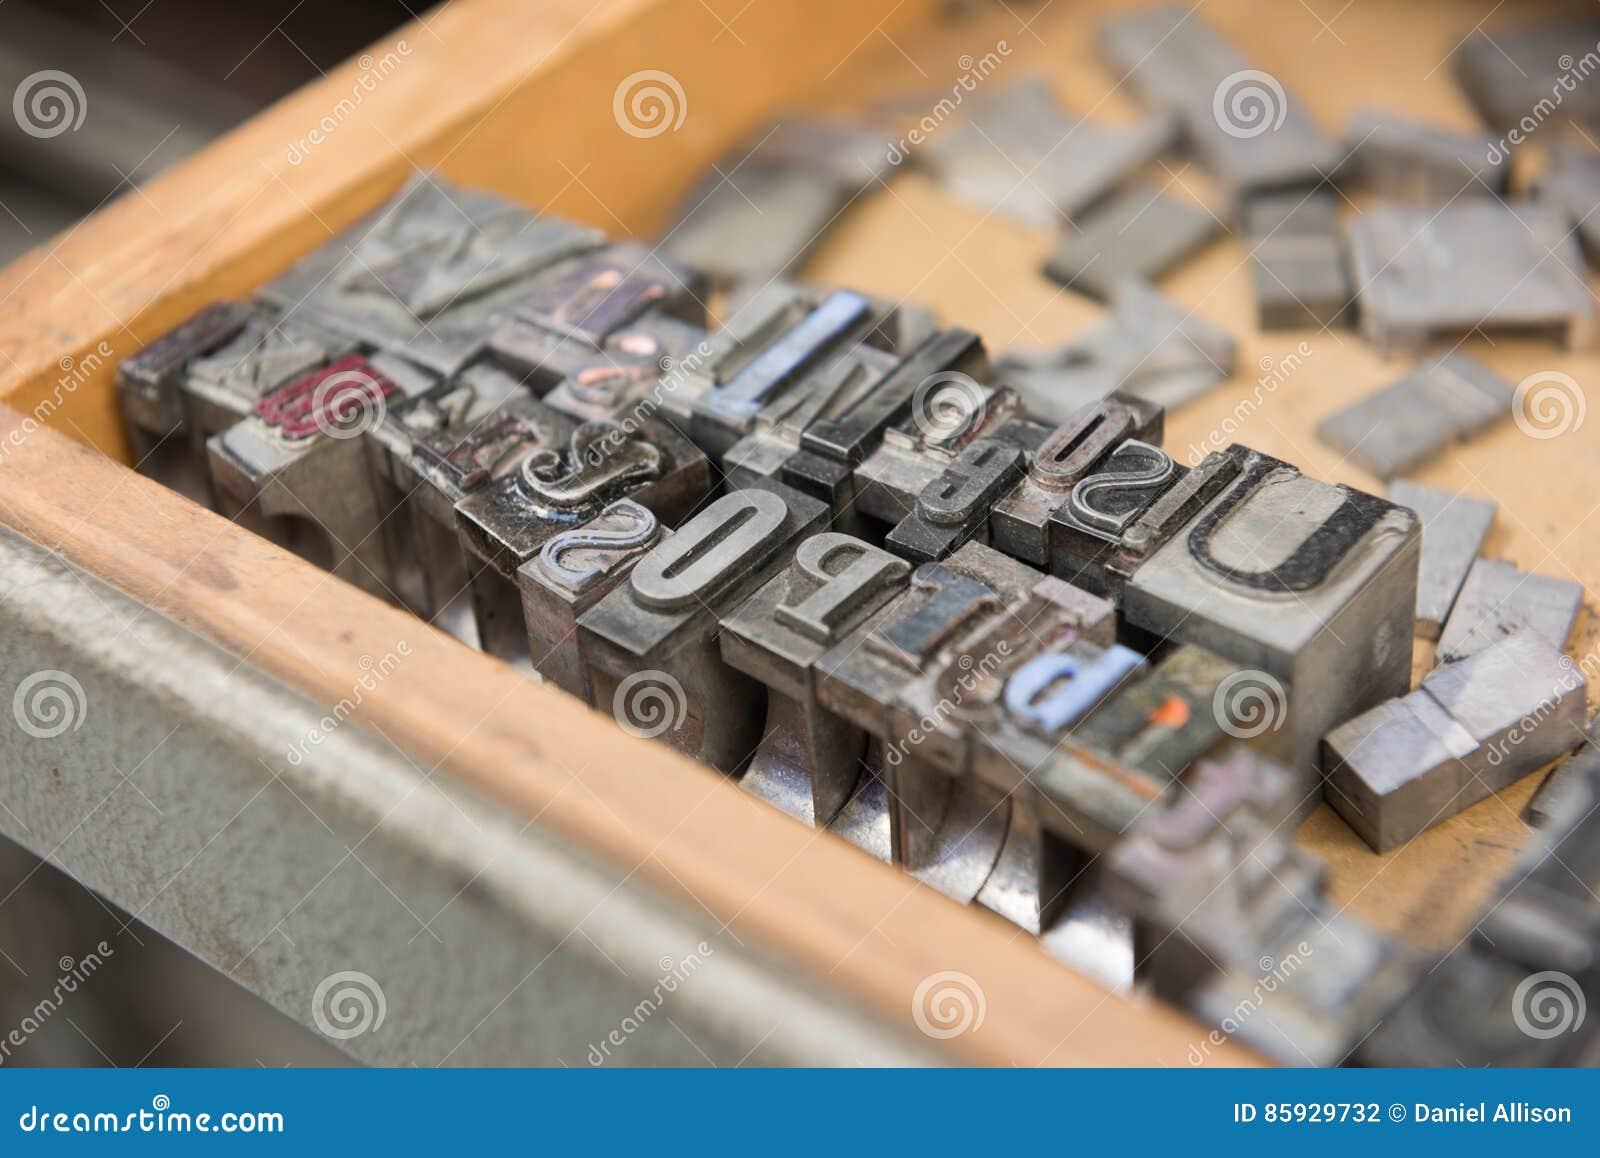 Kvarter för printing för tappningledningsboktryck mot en riden ut träenhetsbakgrund med bokeh